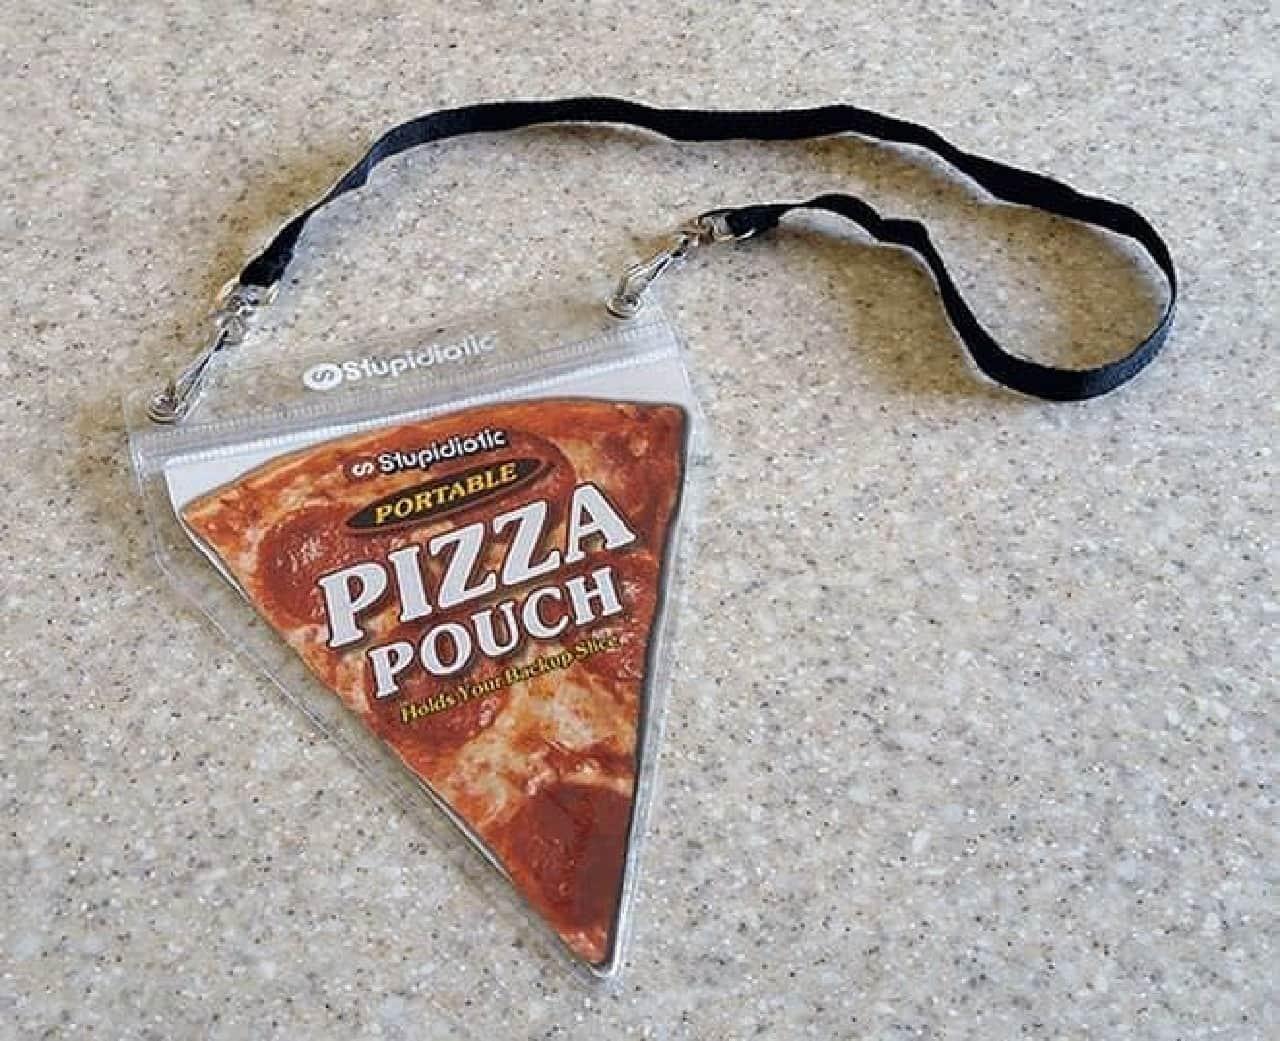 「Portable Pizza Pouch」は実用品であり、ファッションアイテムでもある